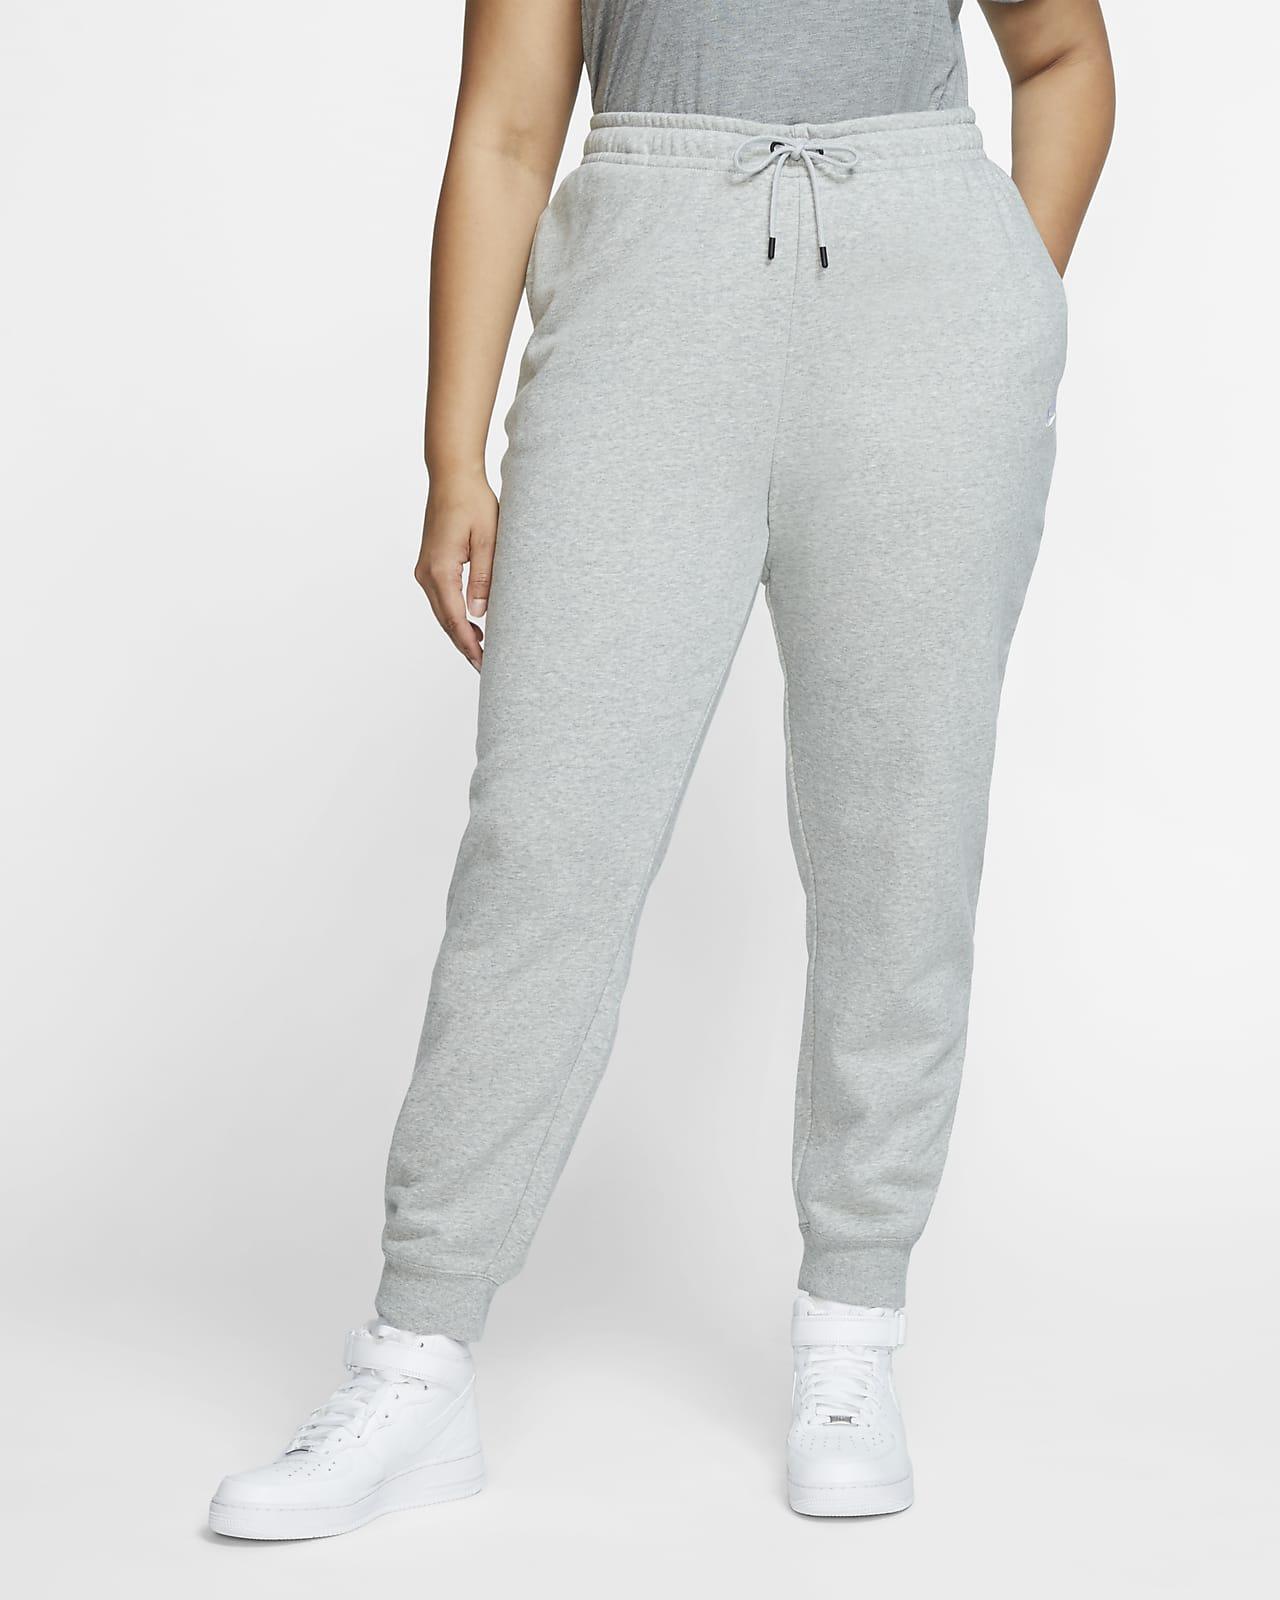 Γυναικείο φλις παντελόνι Nike Sportswear Essential (μεγάλα μεγέθη)